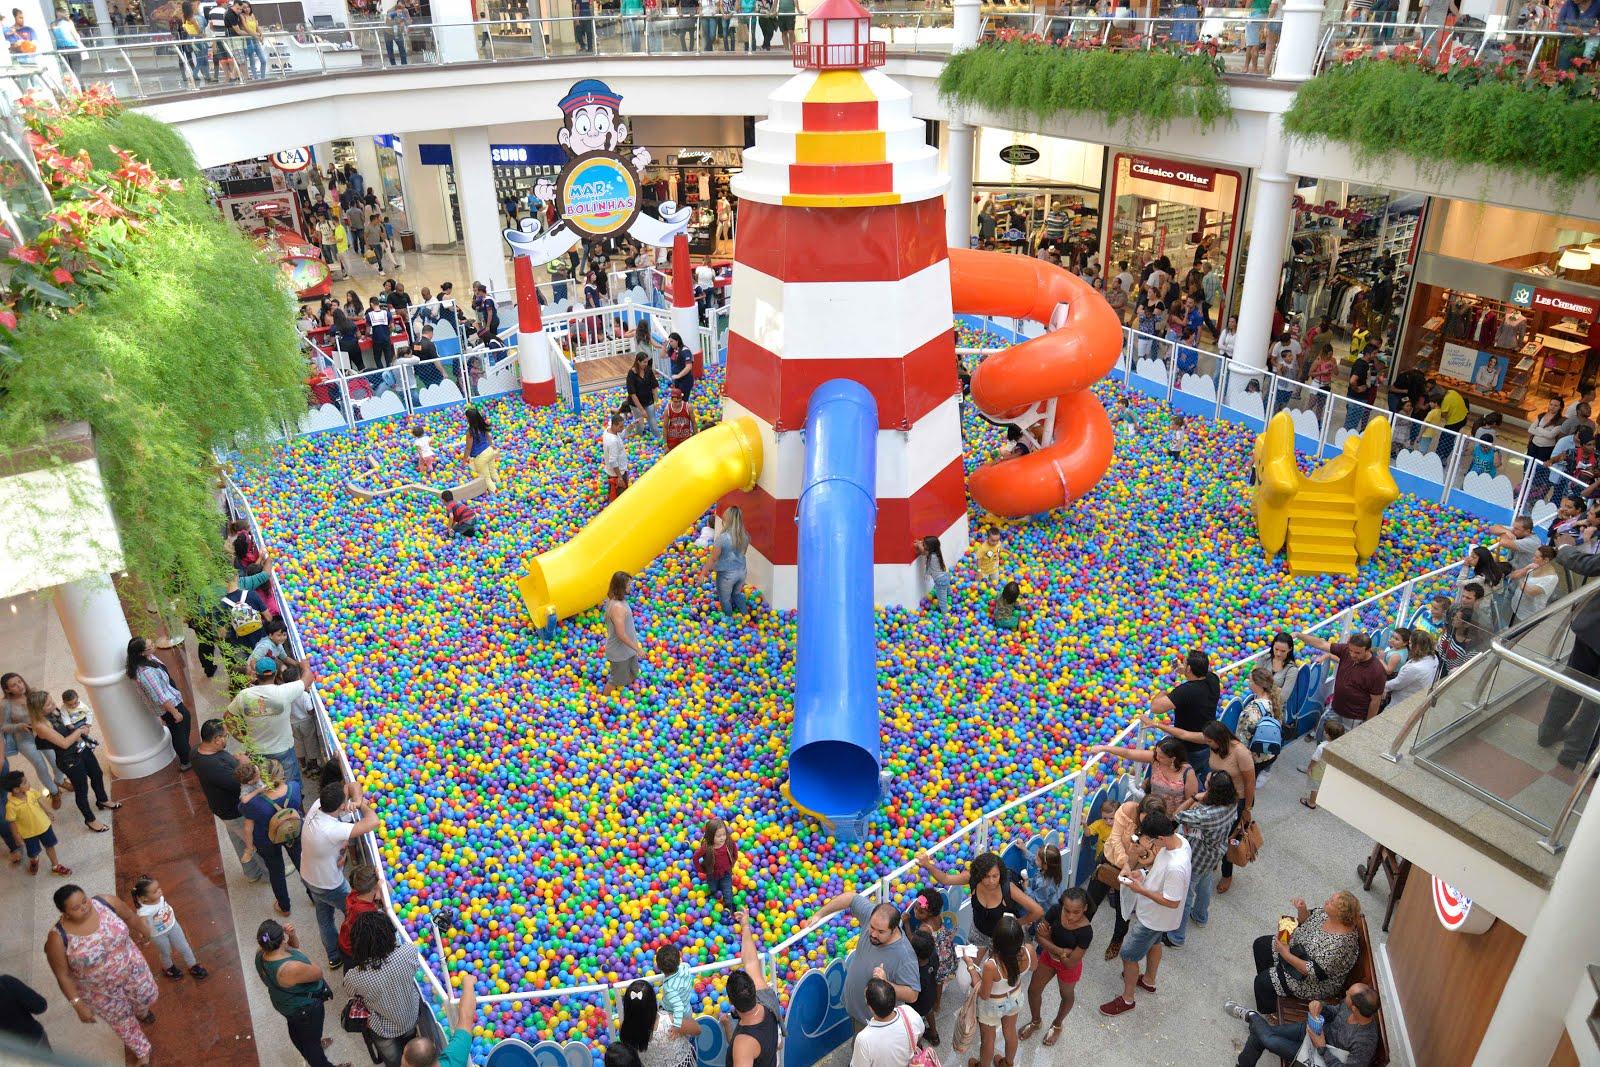 d1881e86285e8 Para animar as férias de julho, o Minas Shopping oferece diversas atrações  culturais e divertidas para as crianças. Entre as opções disponíveis estão  o Mar ...